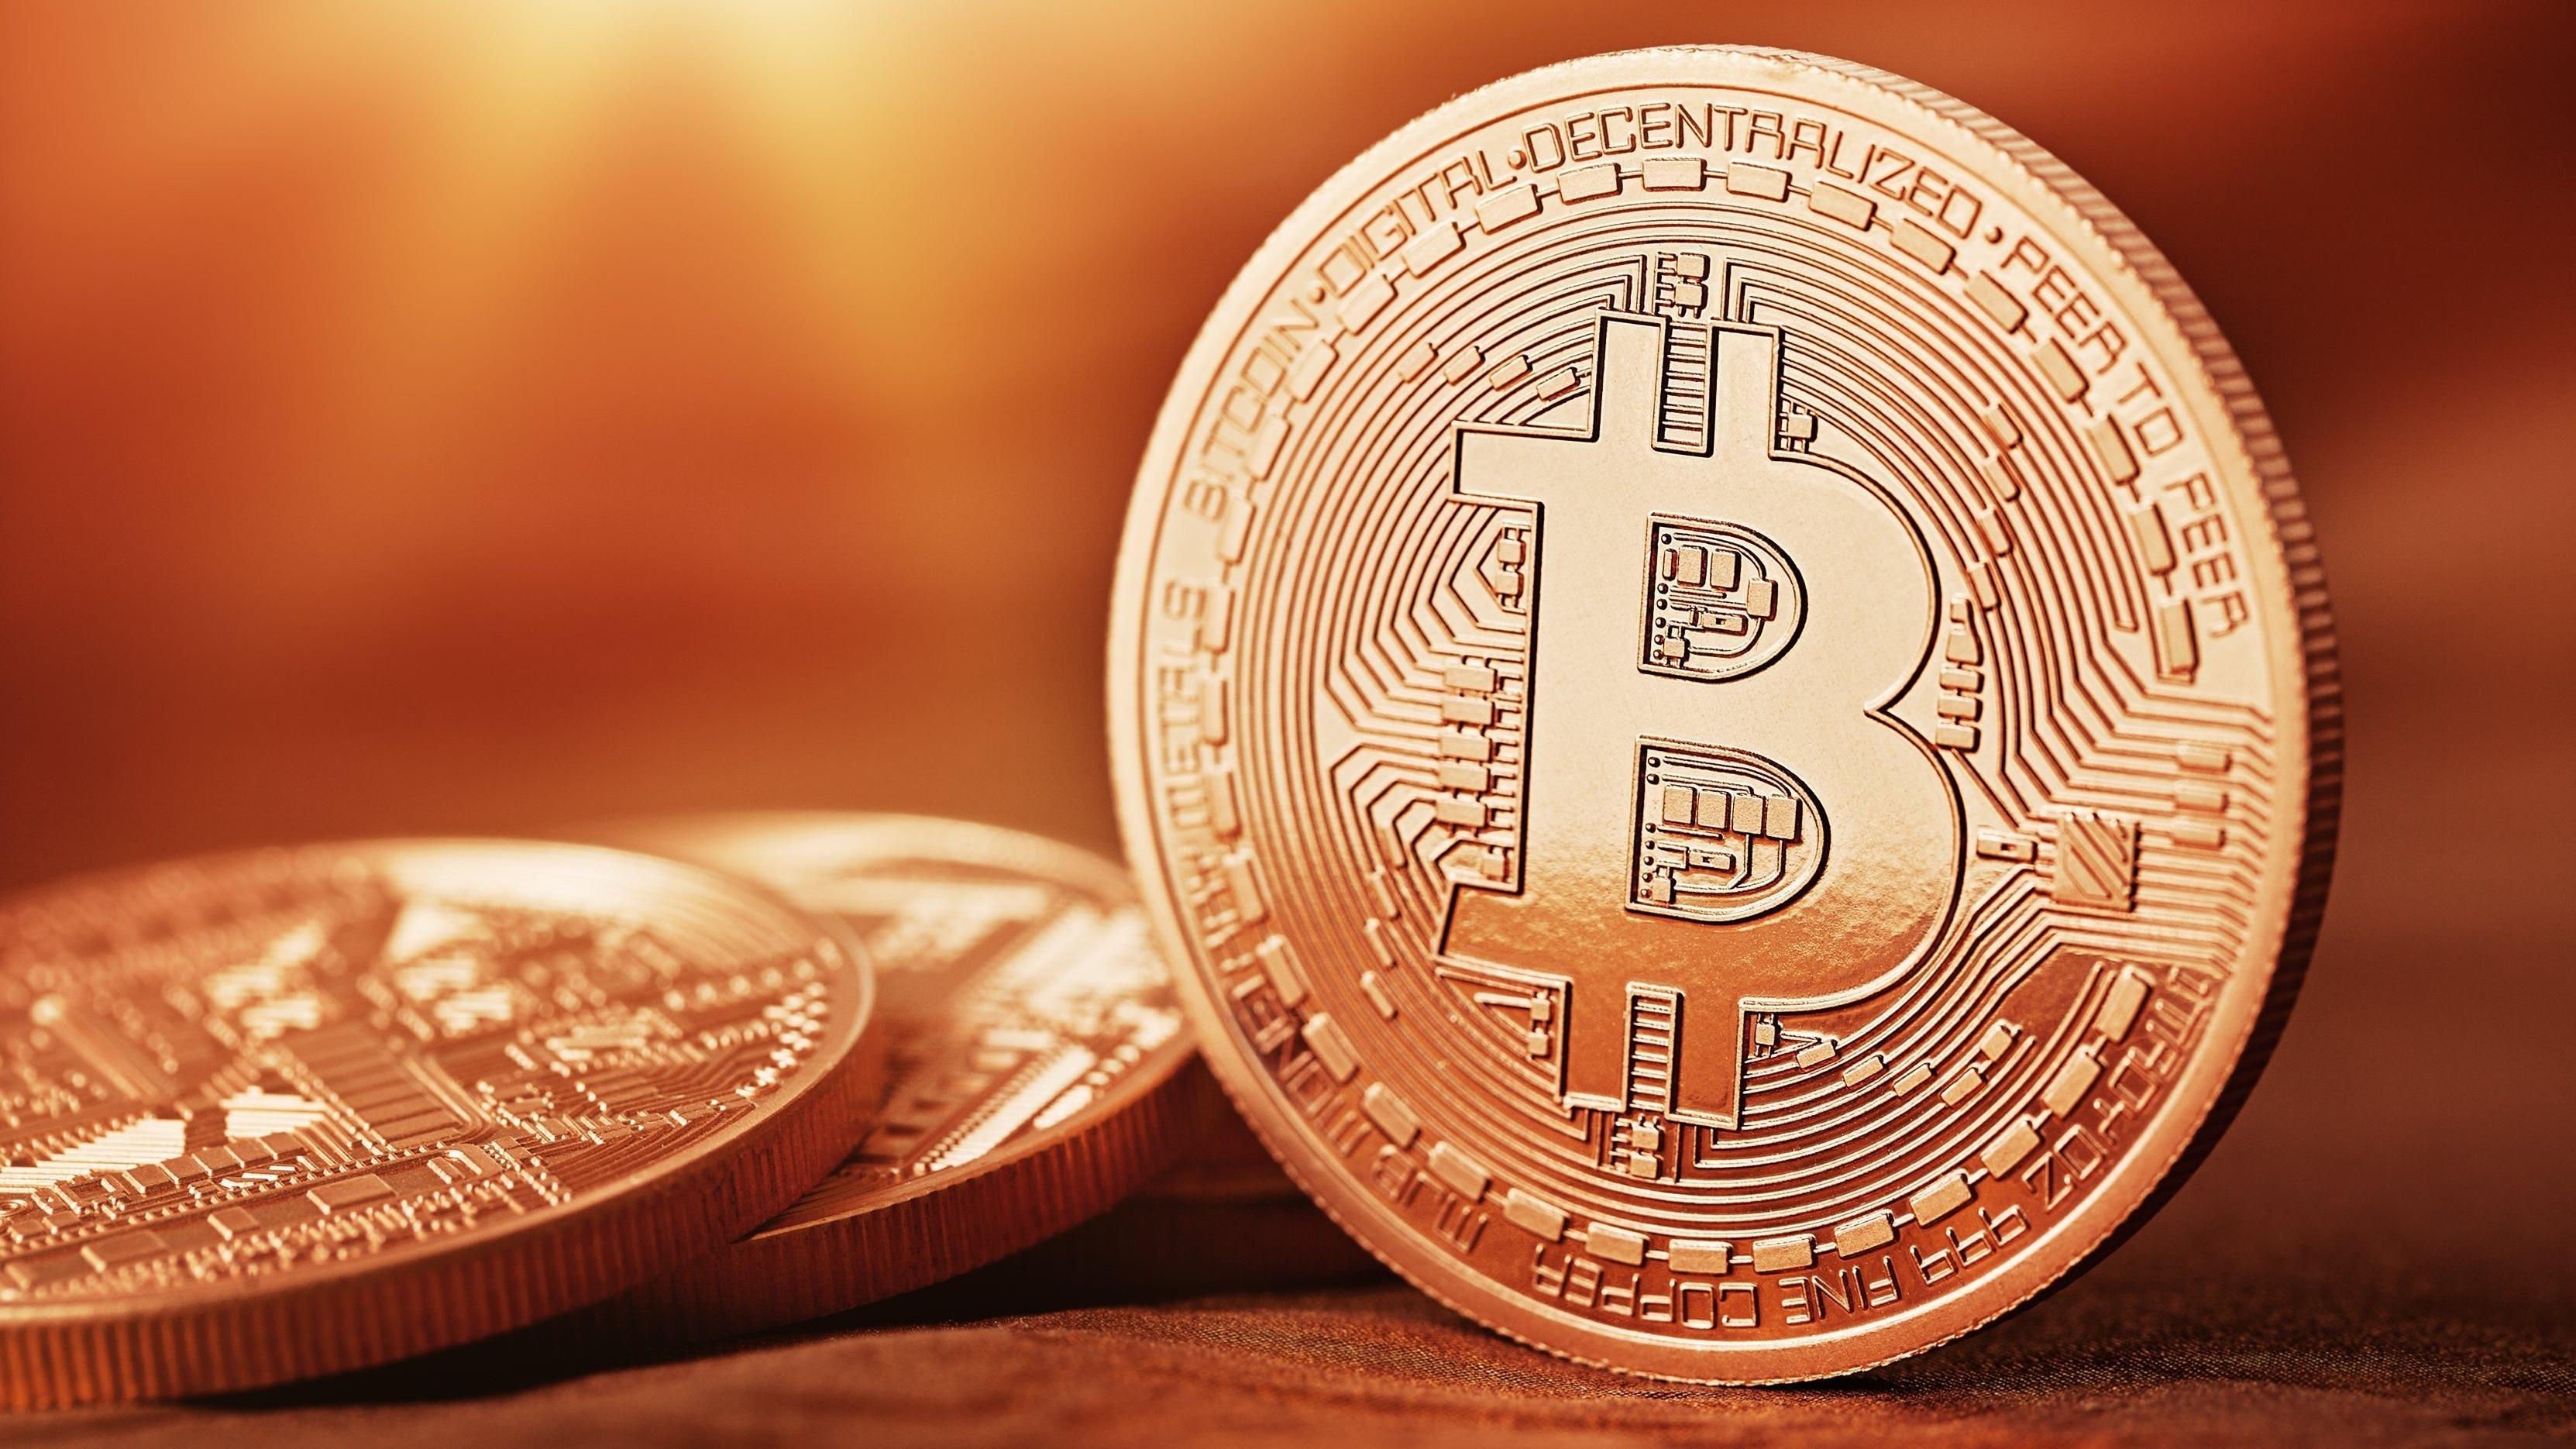 Verdenssensasjon: Dansk politi klarte å fakke kriminelle ved å spore Bitcoin-transaksjon